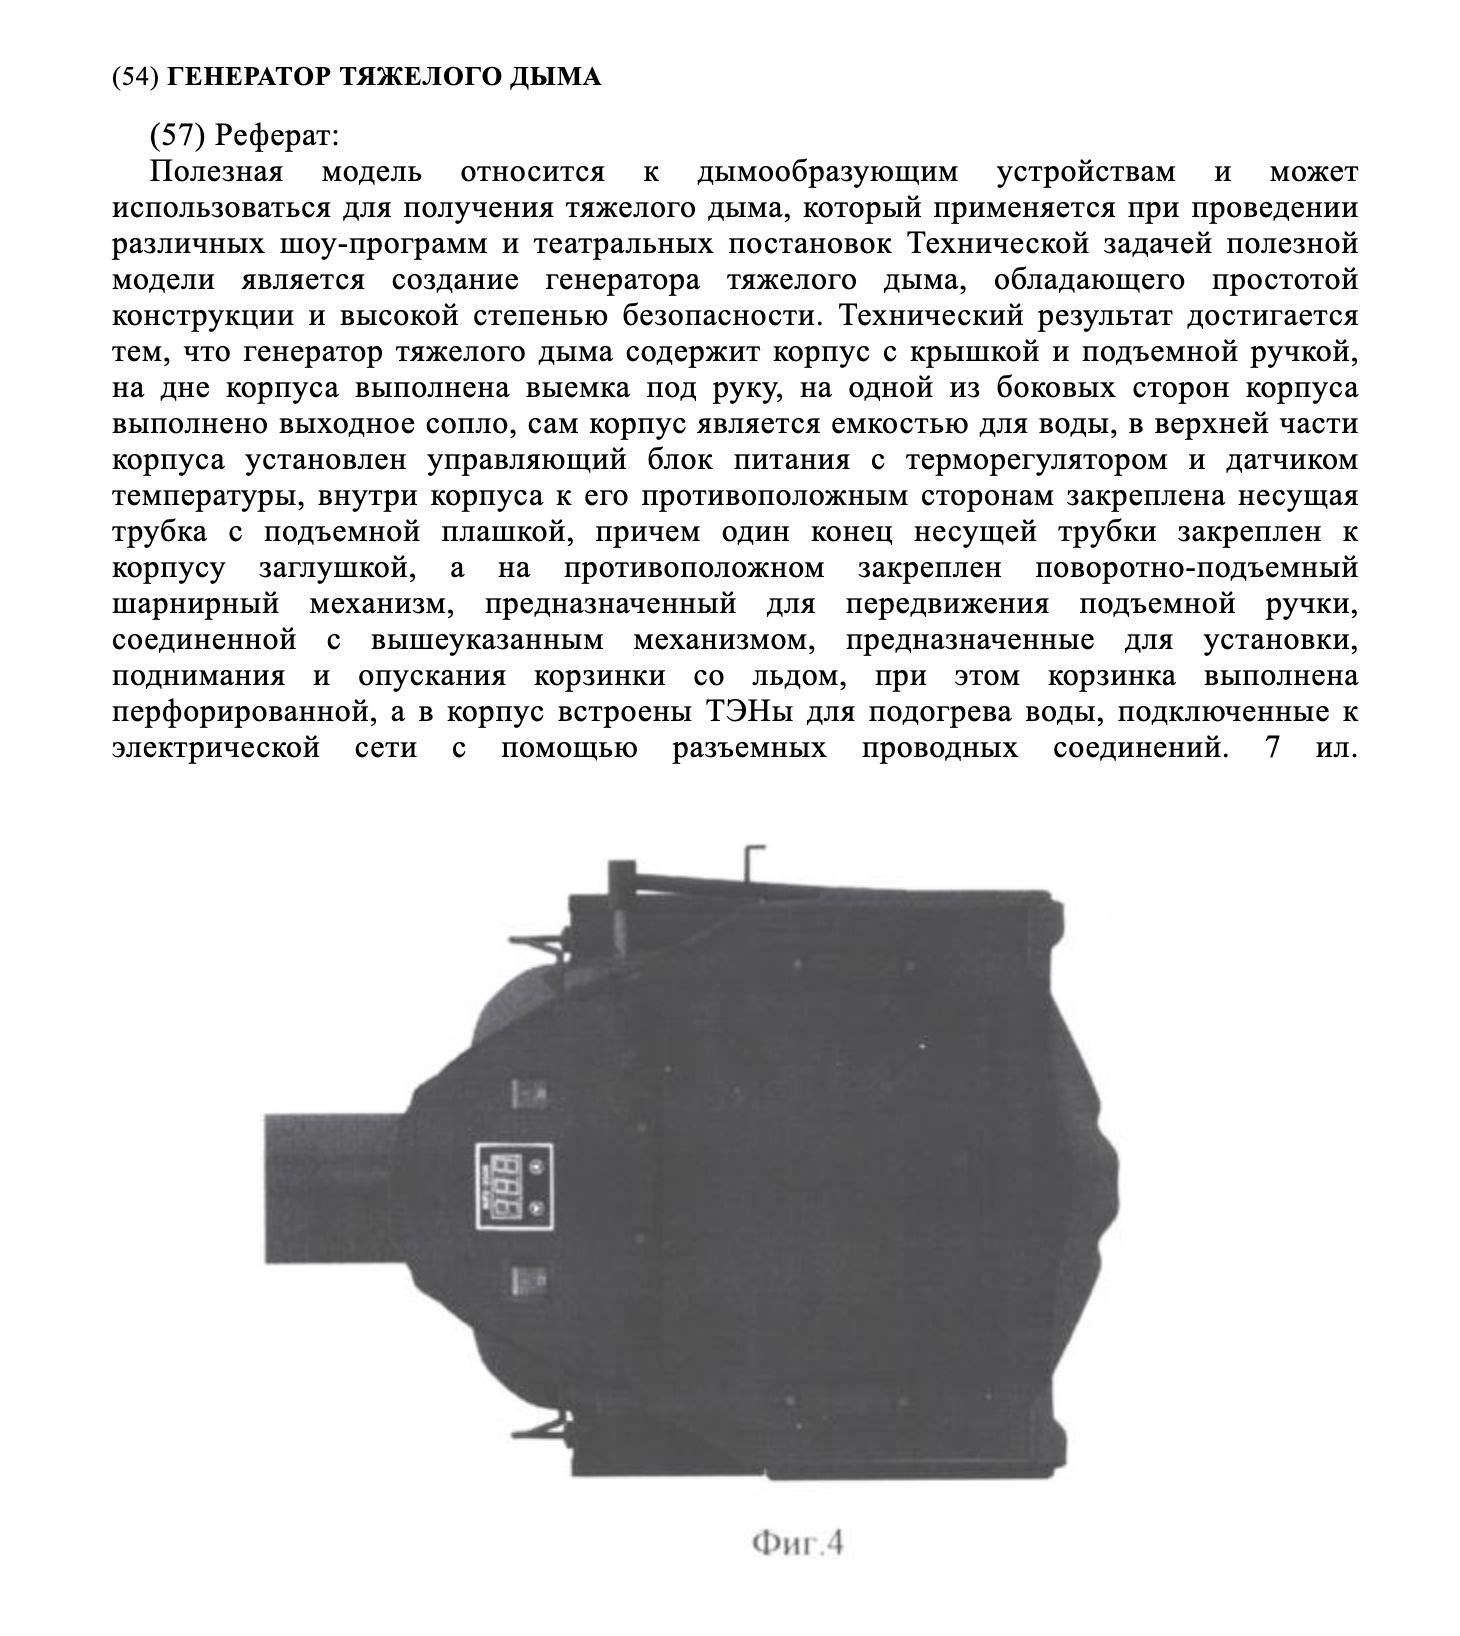 Обычно патентная заявка занимает 15—20 страниц, но генератор тяжелого дыма — устройство достаточно простое, поэтому заявка небольшая